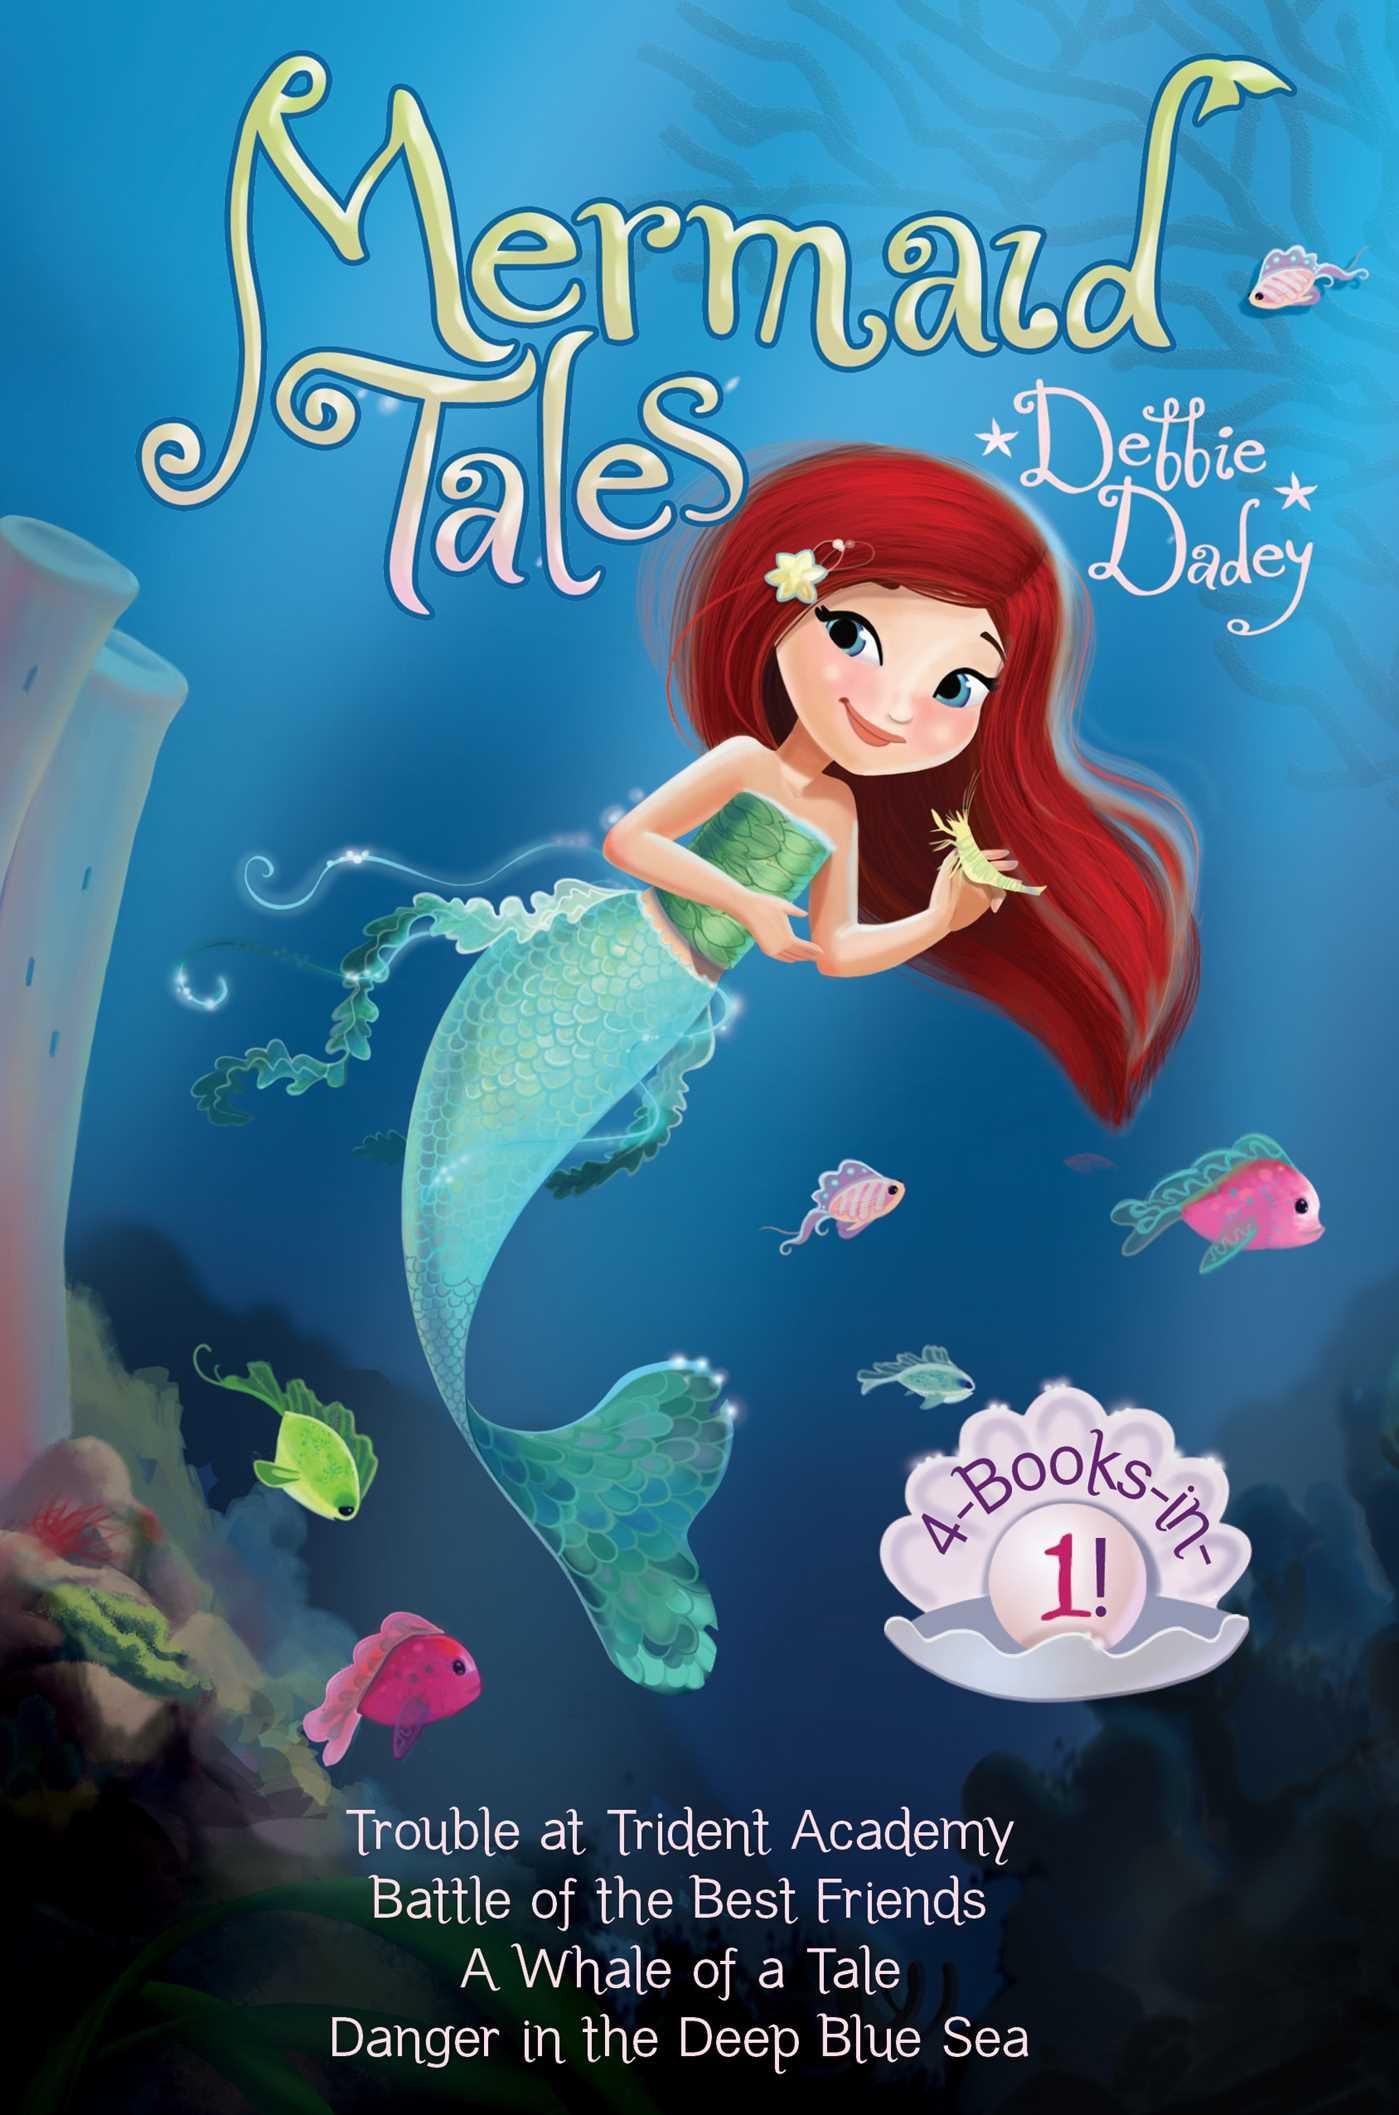 Mermaid tales 4 books in 1 9781481475921 hr